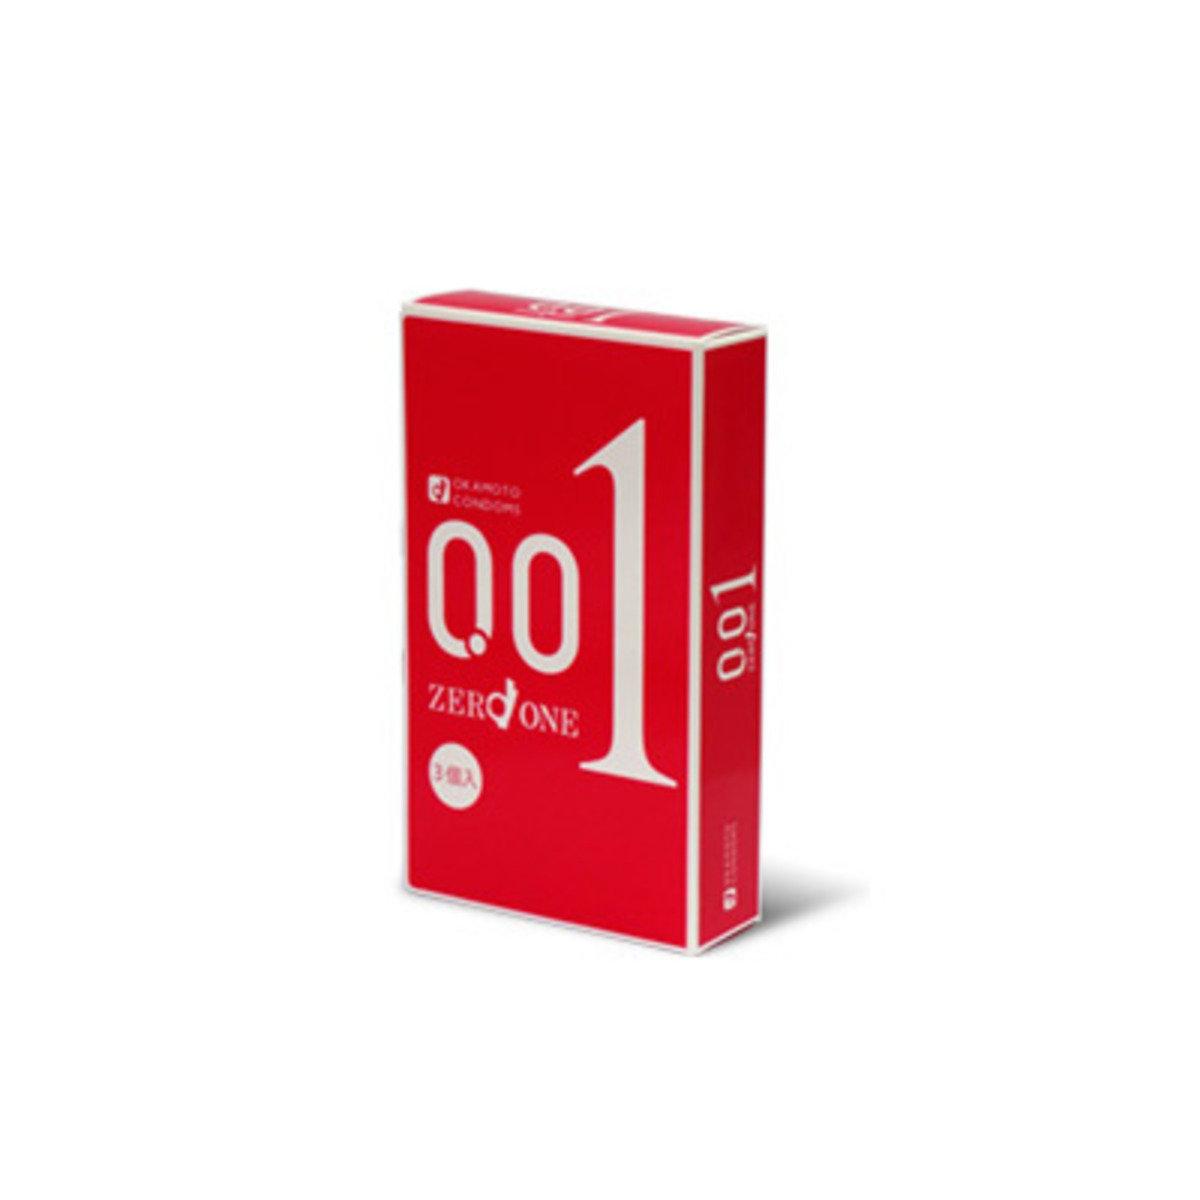 岡本 0.01 (日本版) 3 片裝 PU 安全套